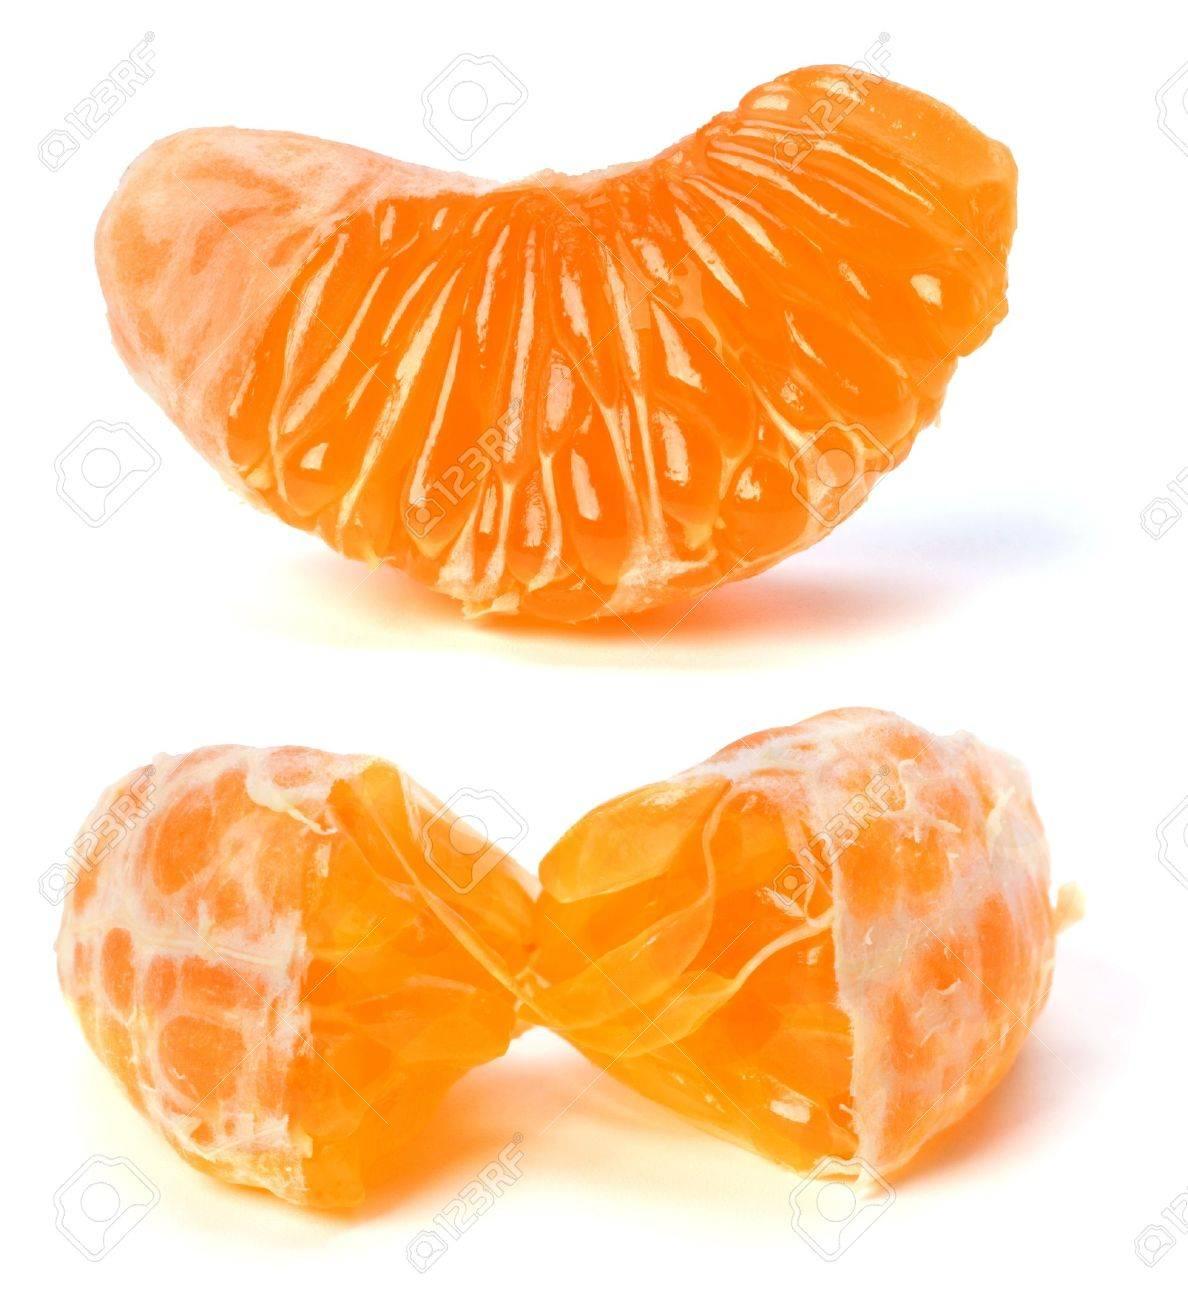 peeled mandarin segment isolated on white background Stock Photo - 9053716